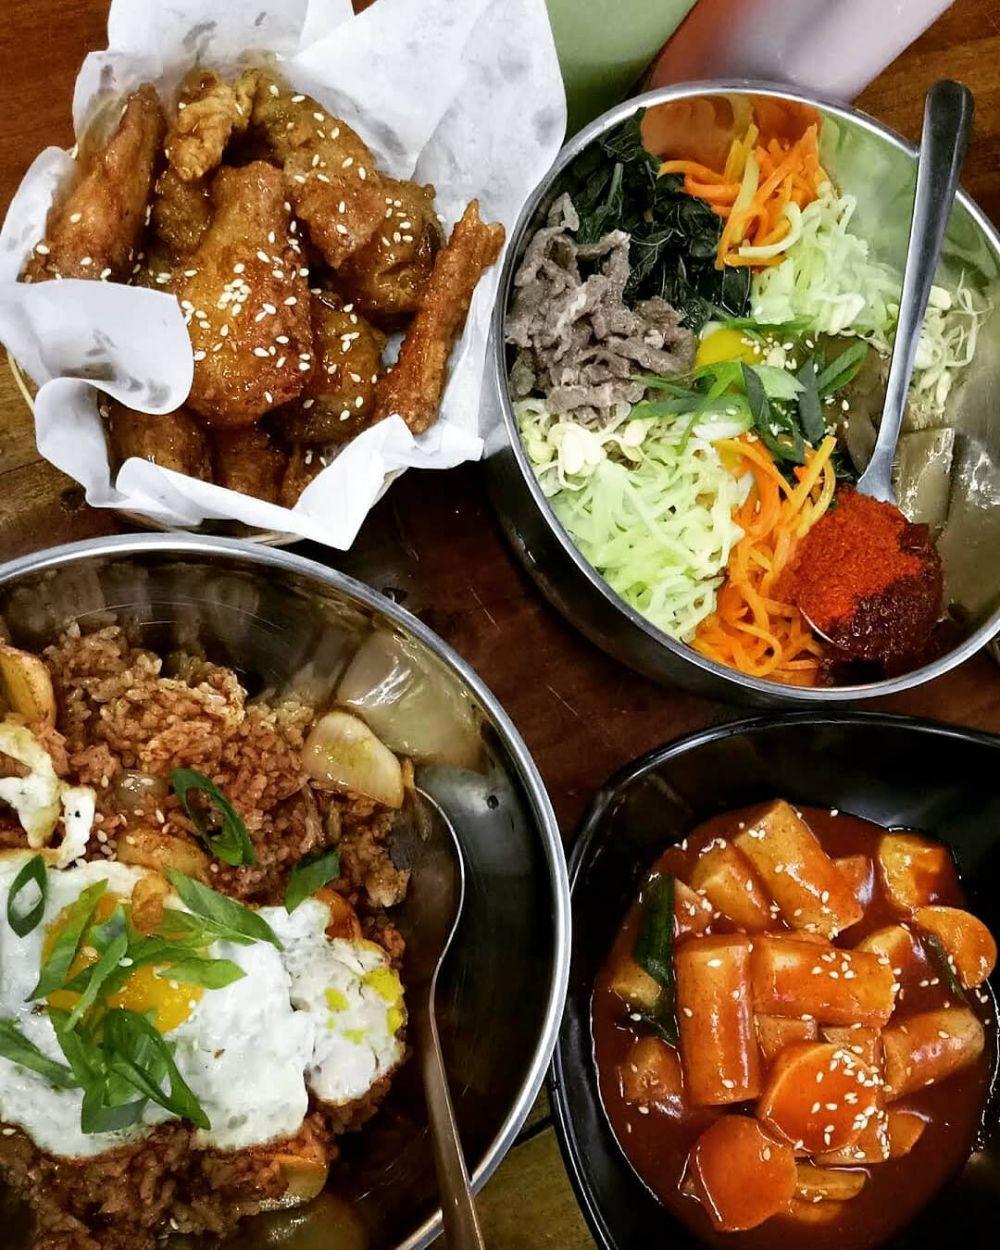 5 Rekomendasi Tempat Kuliner Mblusuk di Sleman, Yogyakarta